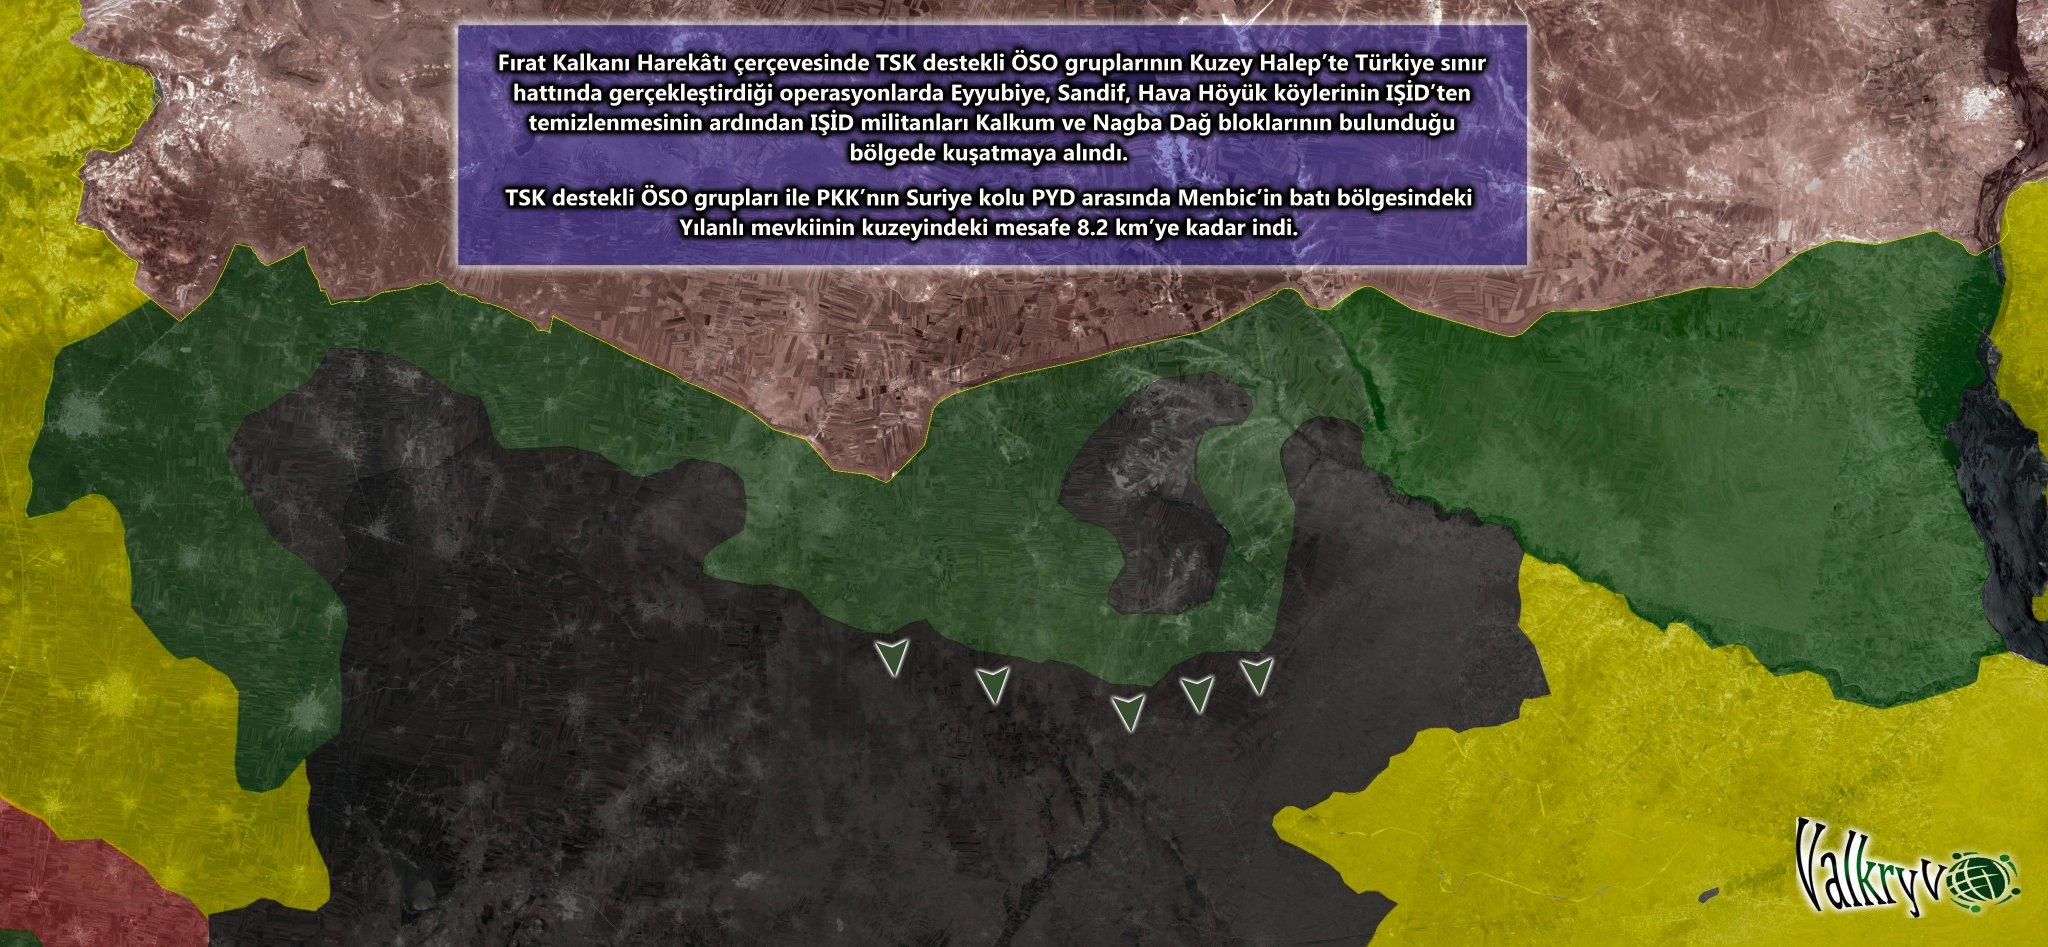 TURQUIE : Economie, politique, diplomatie... - Page 40 CrsyFWRW8AACZzV